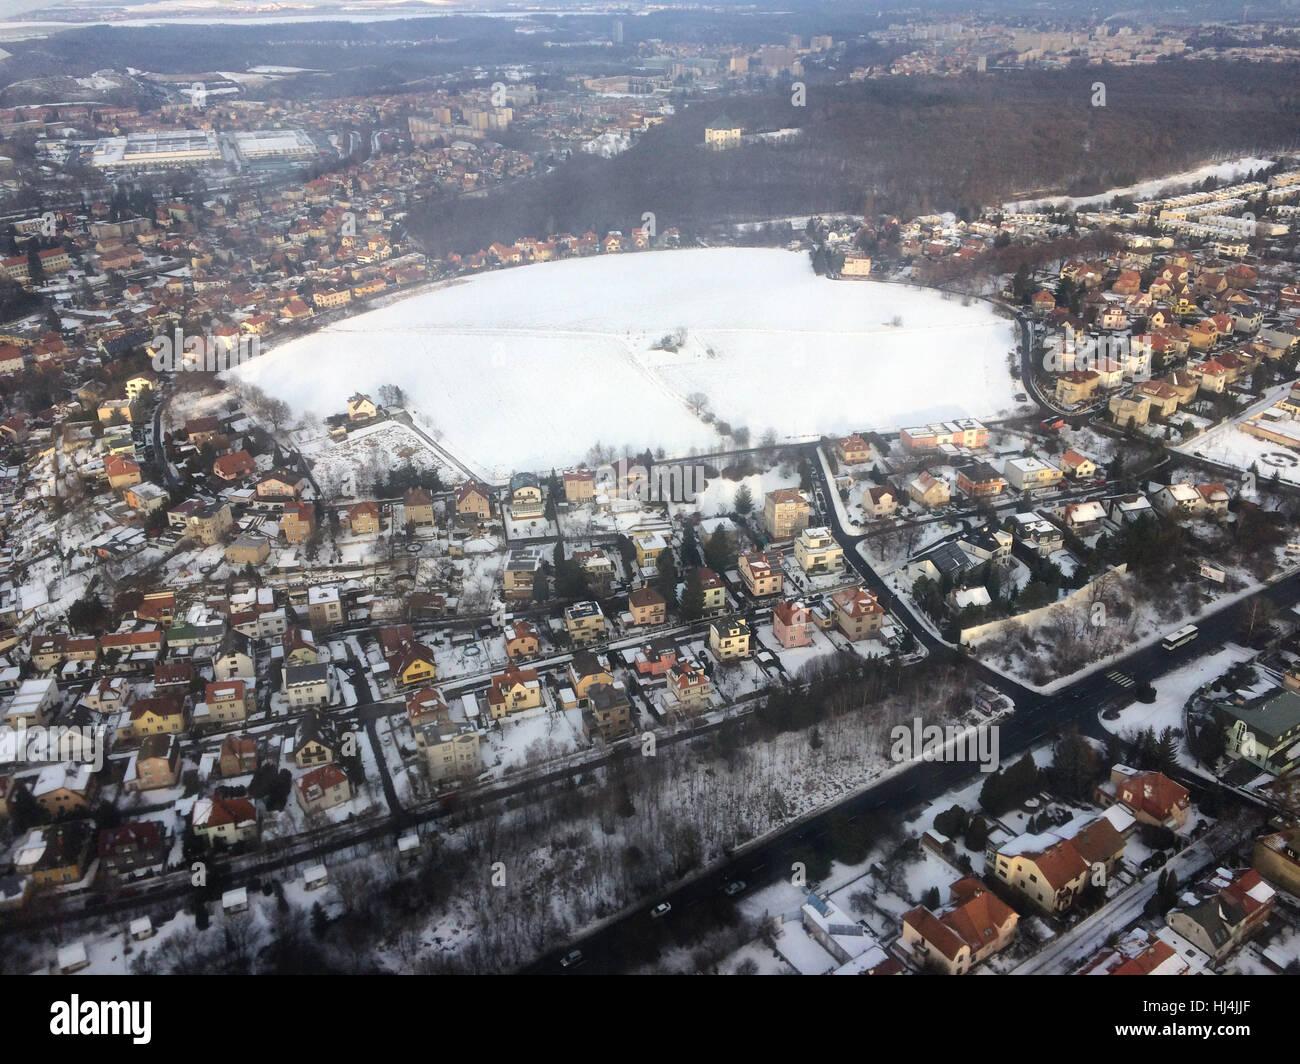 Am weißen Berg (Bila Hora) in Prag, Tschechien. Luftbild vom Flugzeug abgebildet. Die Schlacht am weißen Stockbild